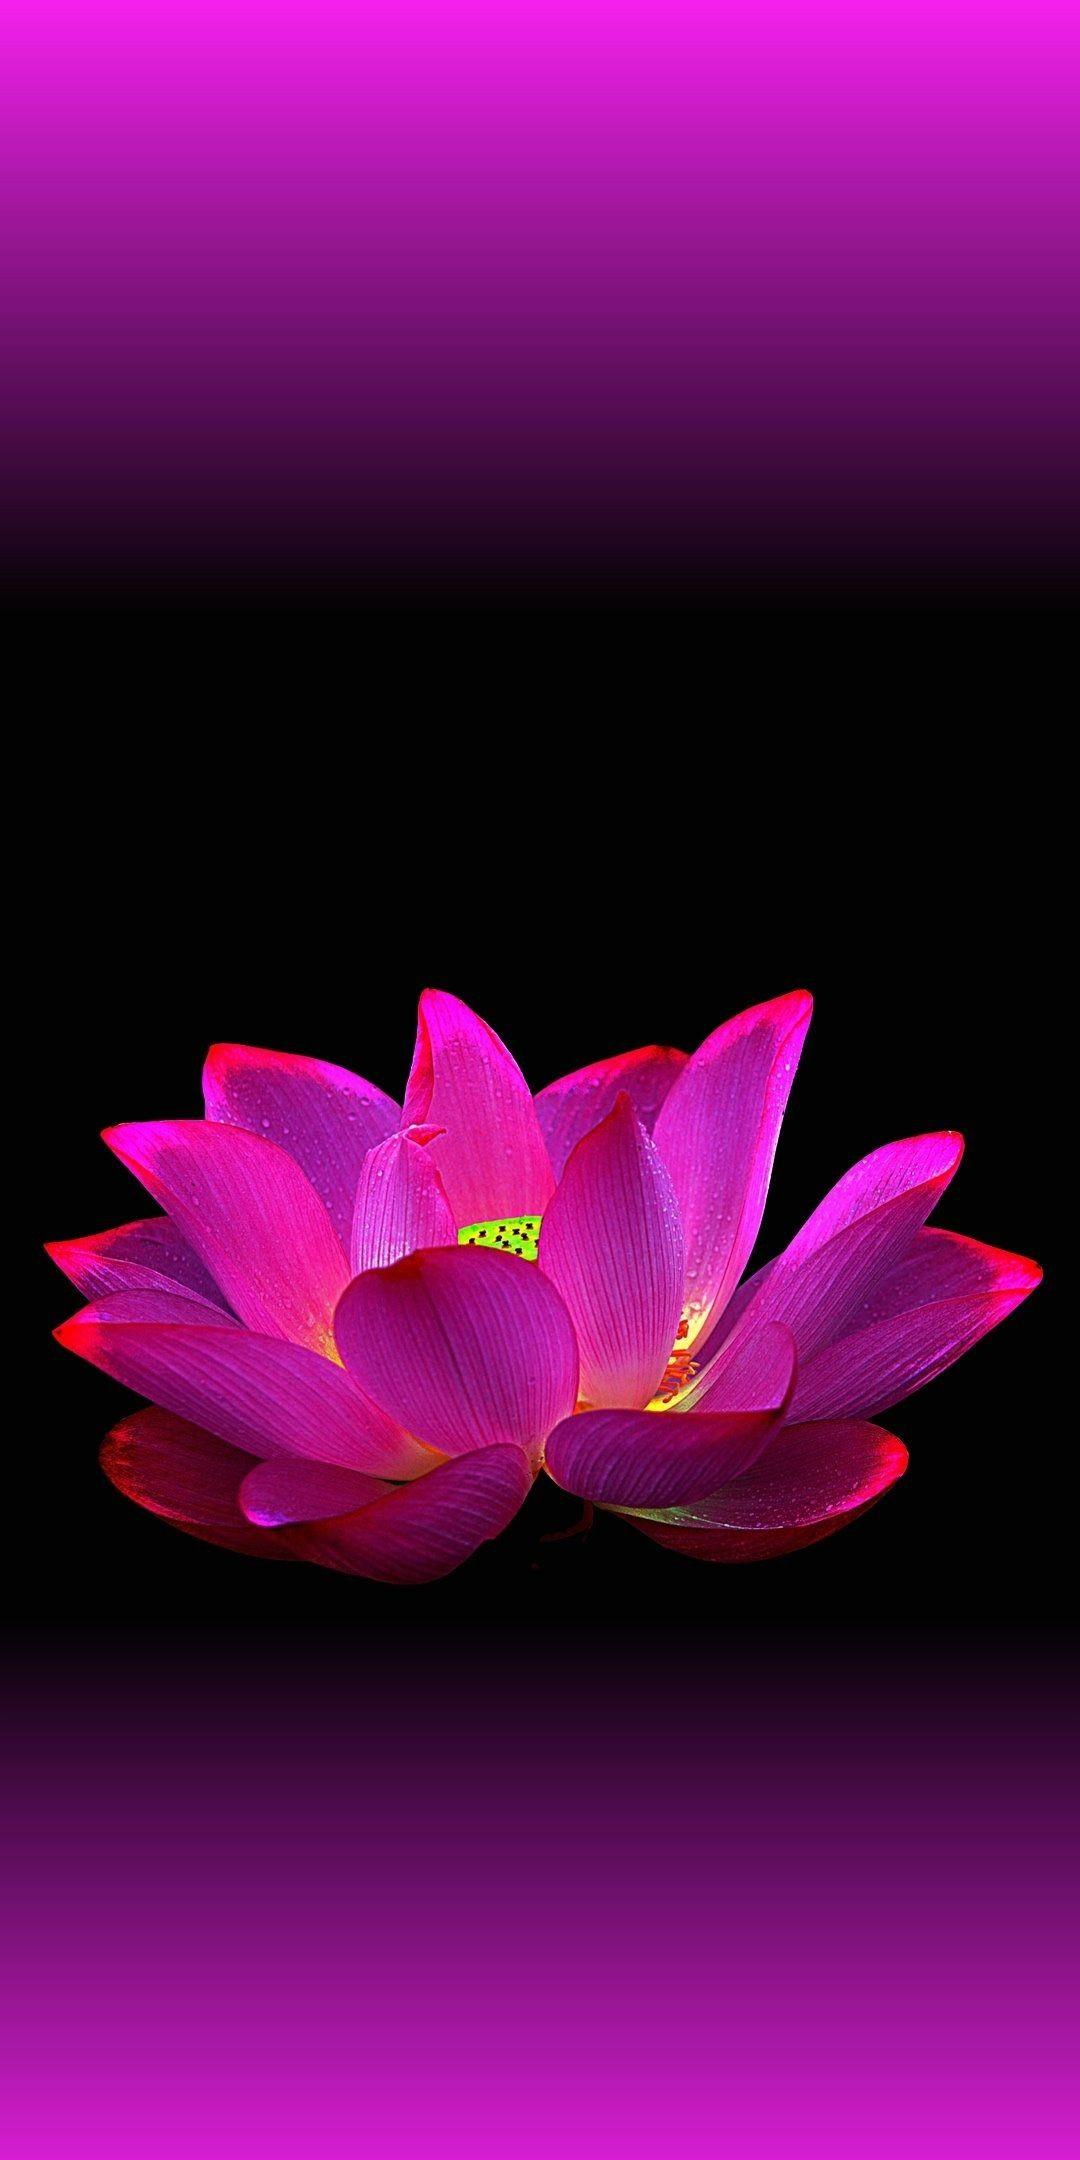 Lotus flower wallpaper ...